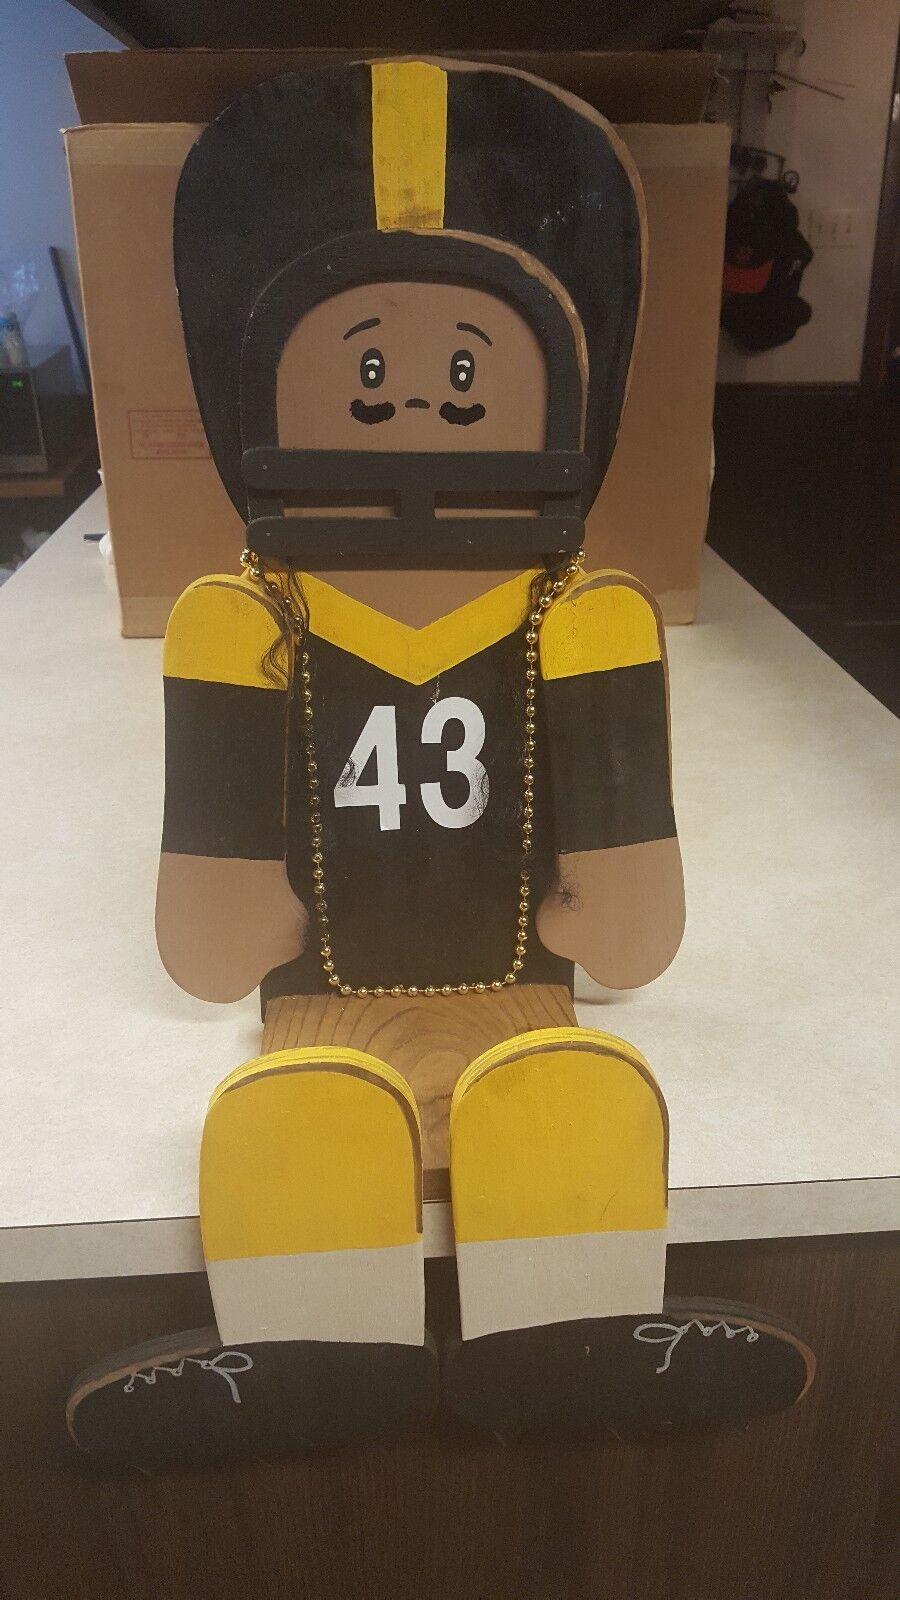 Handmade Wooden Steelers Troy Palamalu Shelf Sitter